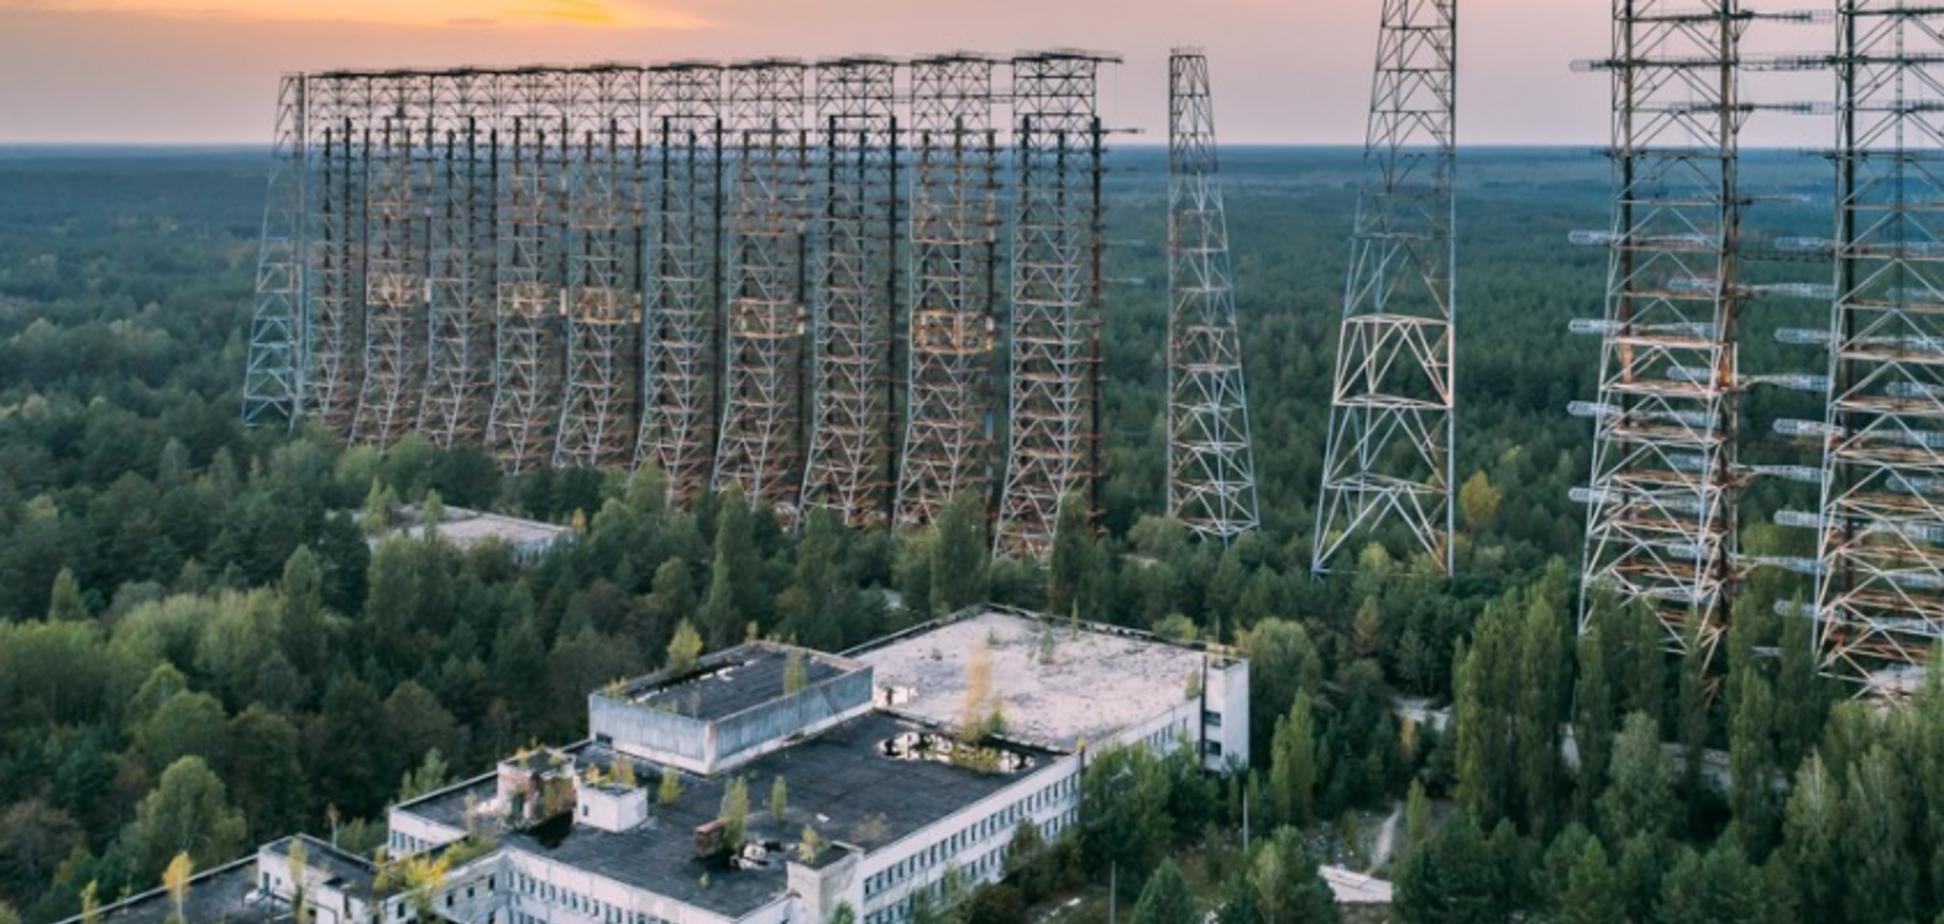 Радиация, медведи-мутанты и неадекватные туристы: как готовят гидов в Чернобыльской зоне